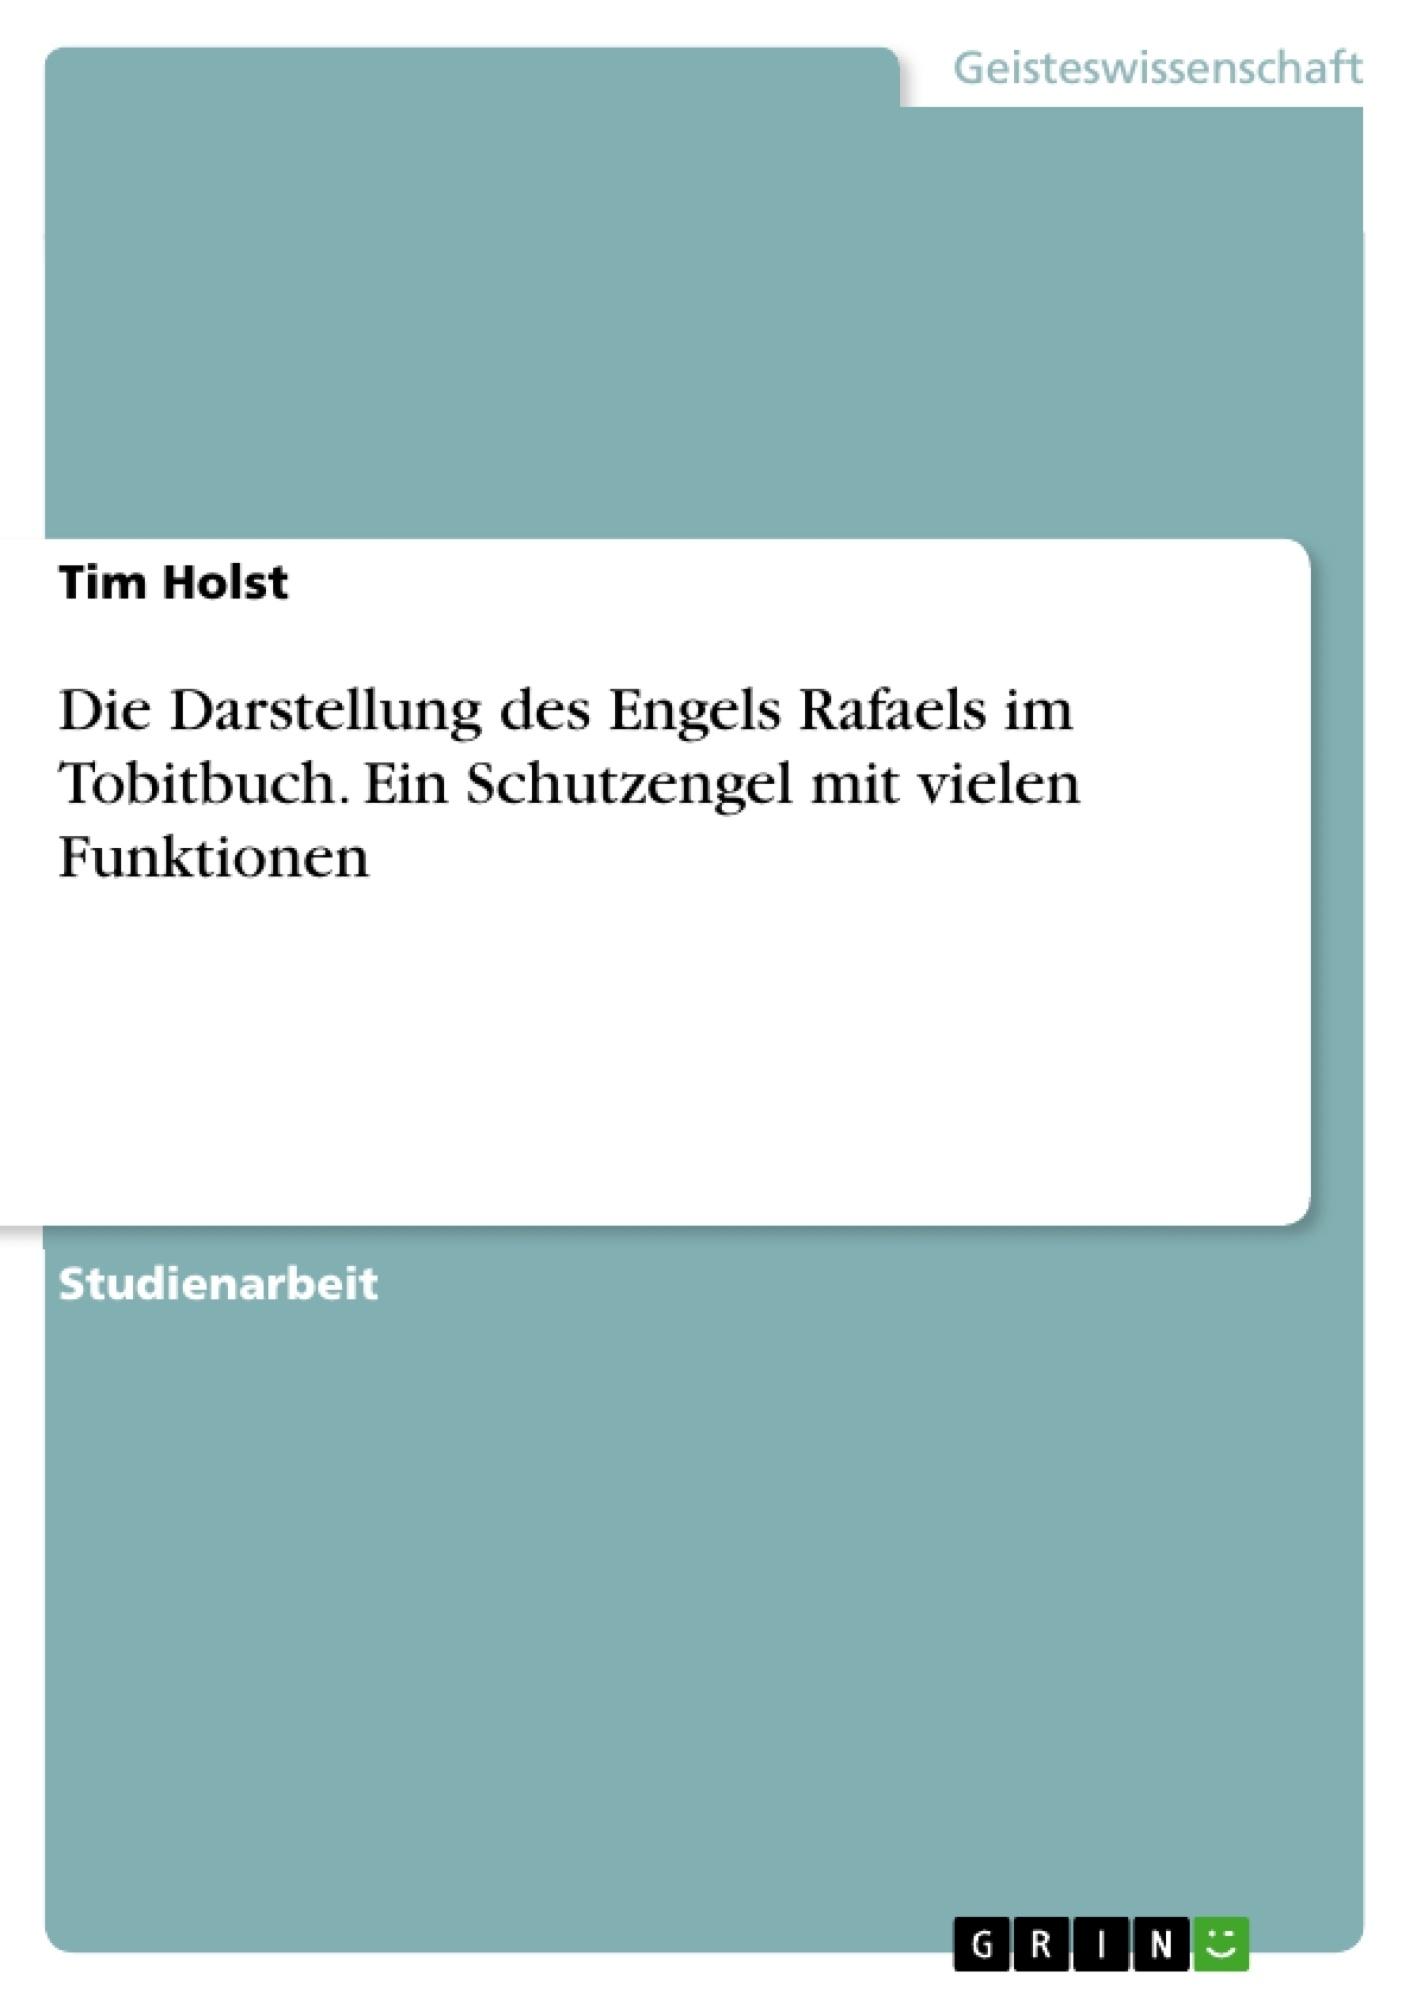 Titel: Die Darstellung des Engels Rafaels im Tobitbuch. Ein Schutzengel mit vielen Funktionen